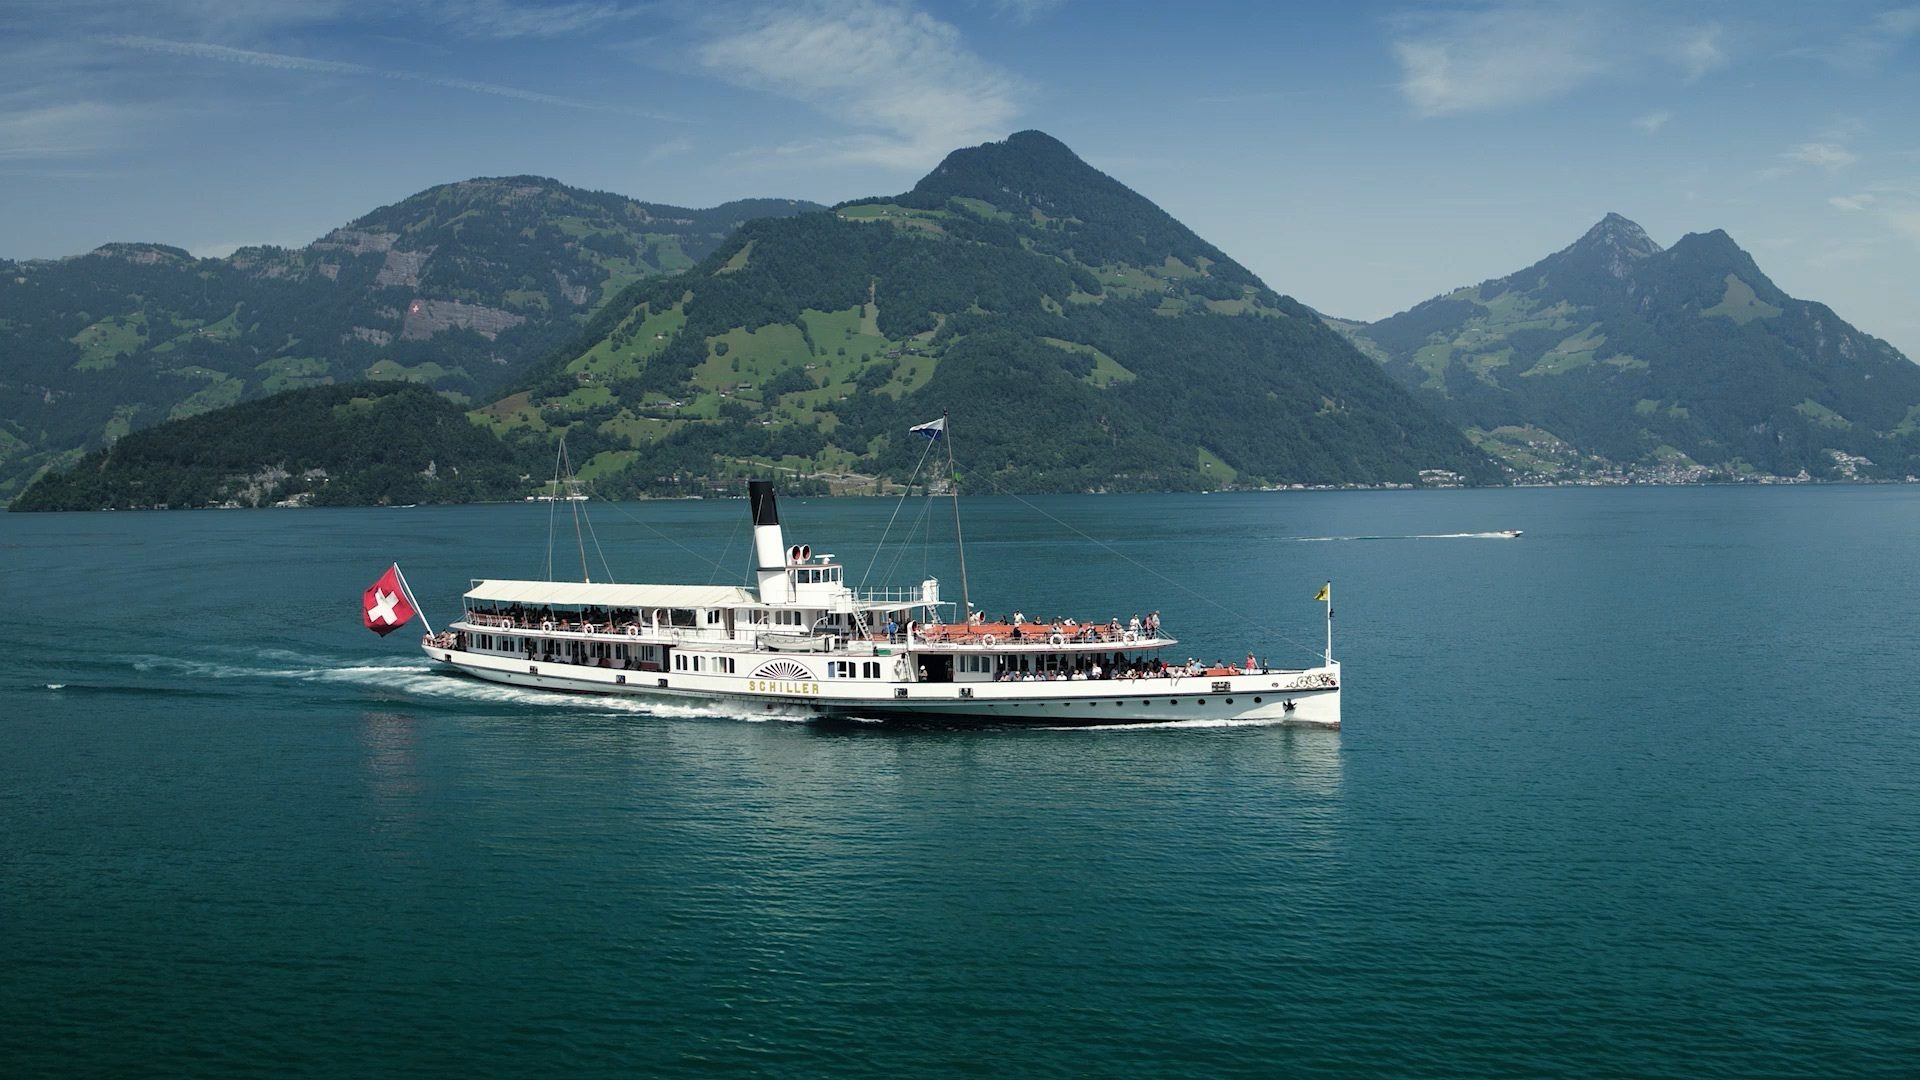 Luzern Tourismus - Dampfschiff Vierwaldstättersee Berge